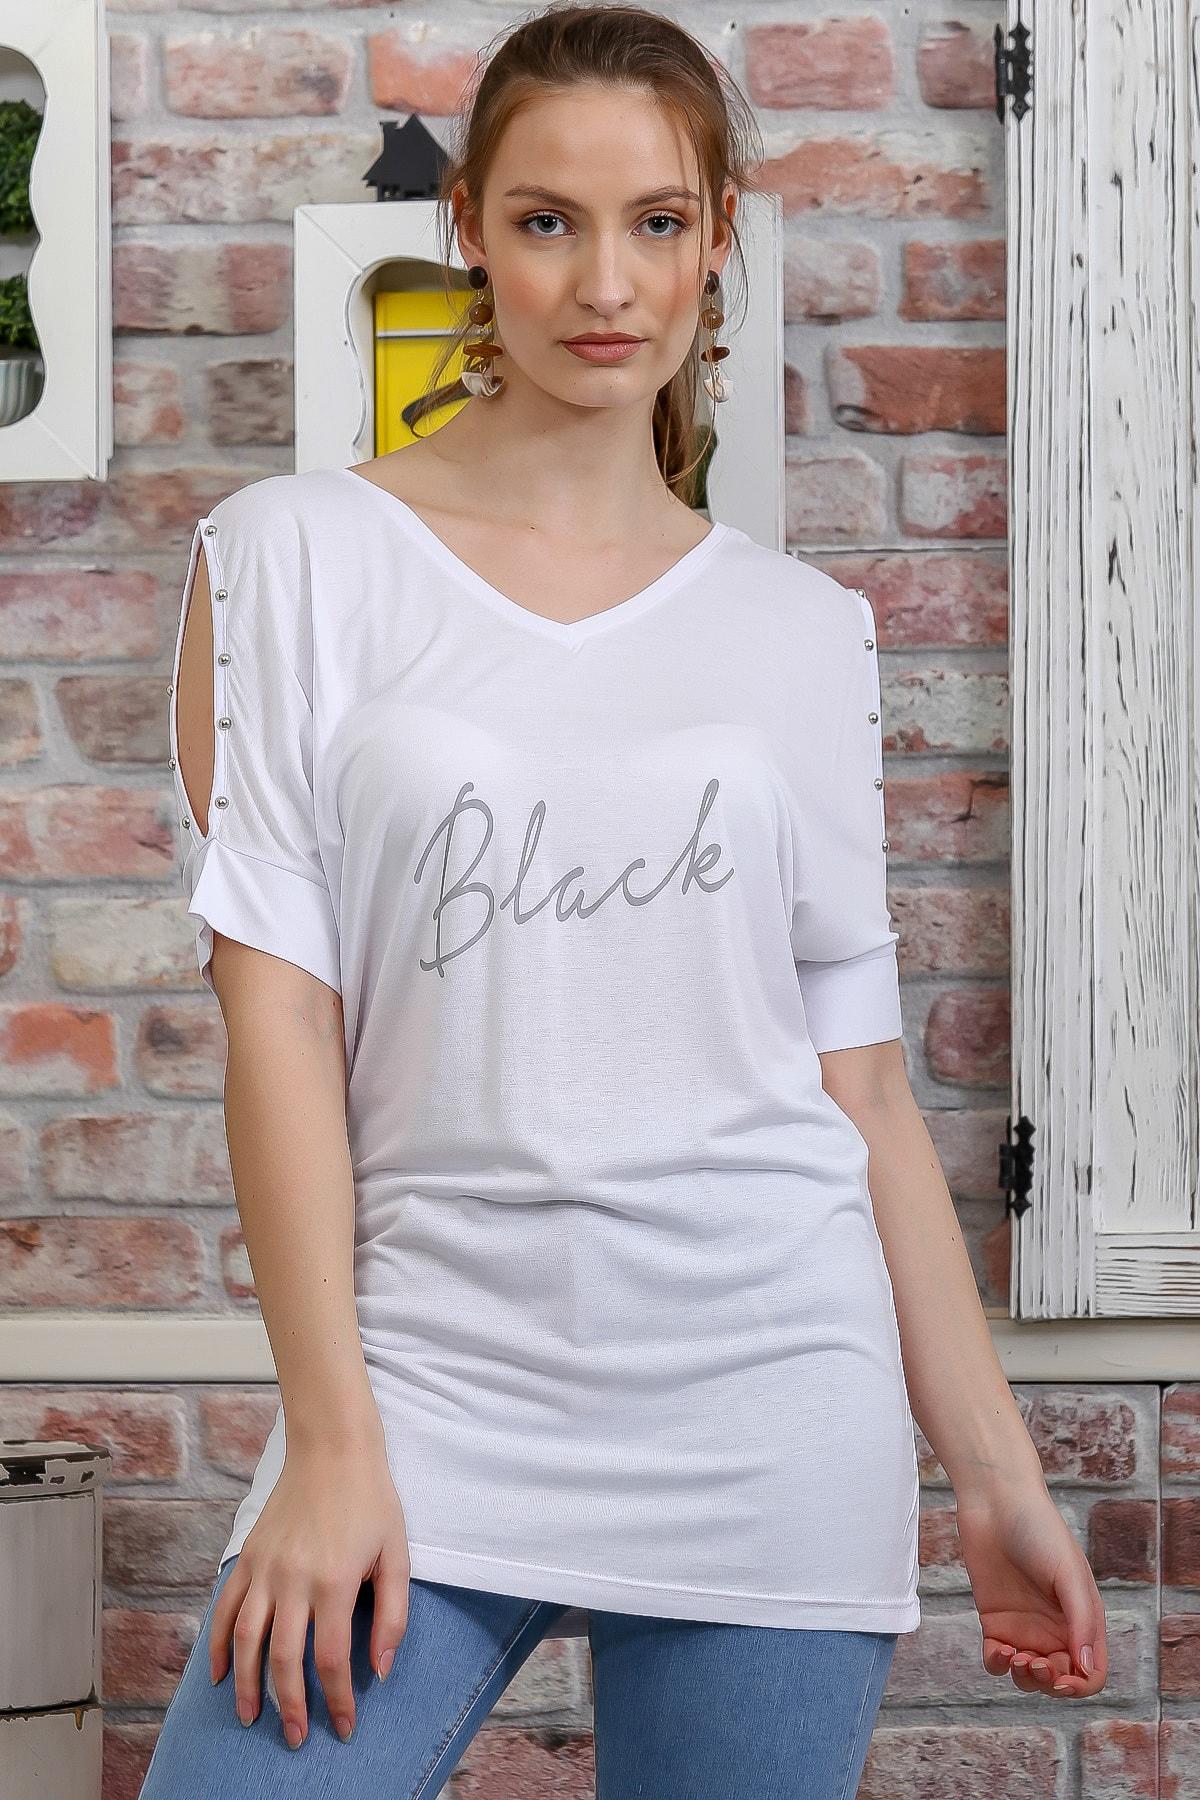 Chiccy Kadın Beyaz Ön Arka V Yaka Omuz Pencereli Baskılı T-Shirt M10010300TS98278